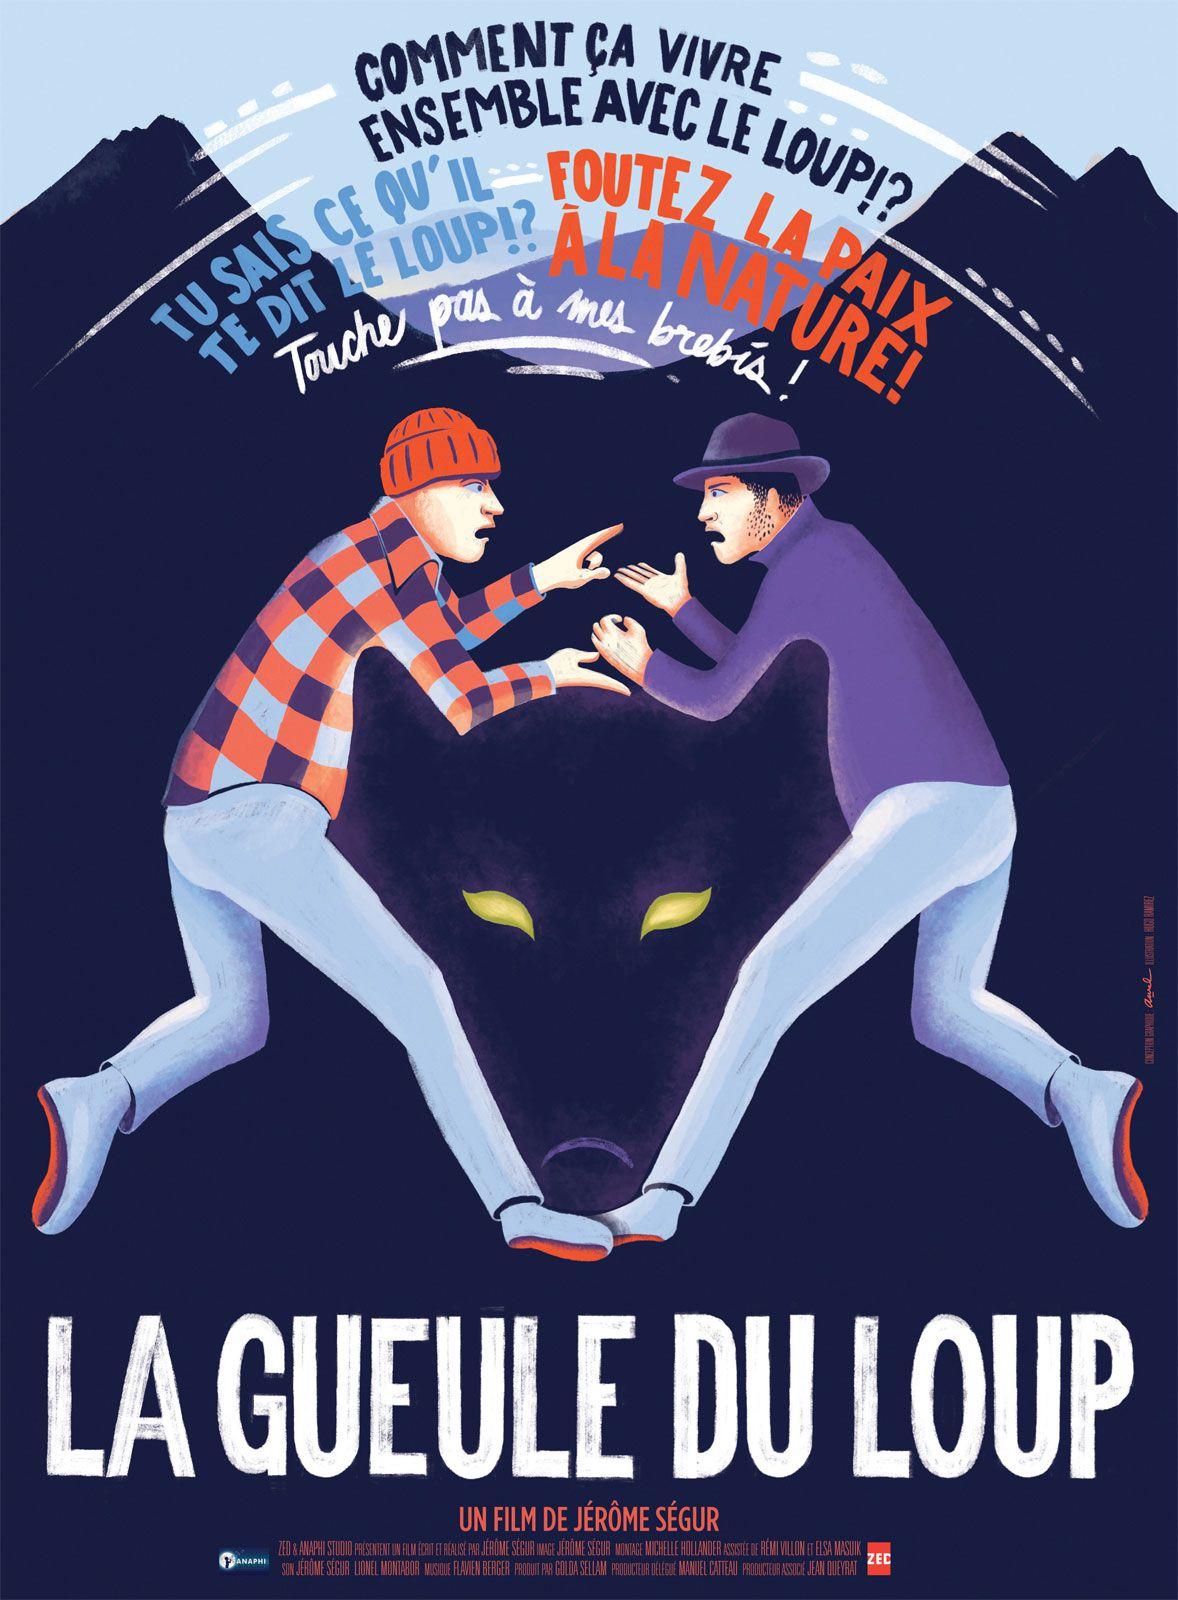 ''La Gueule du loup'' de Jérôme Ségur, France, 2015, 1h20 |